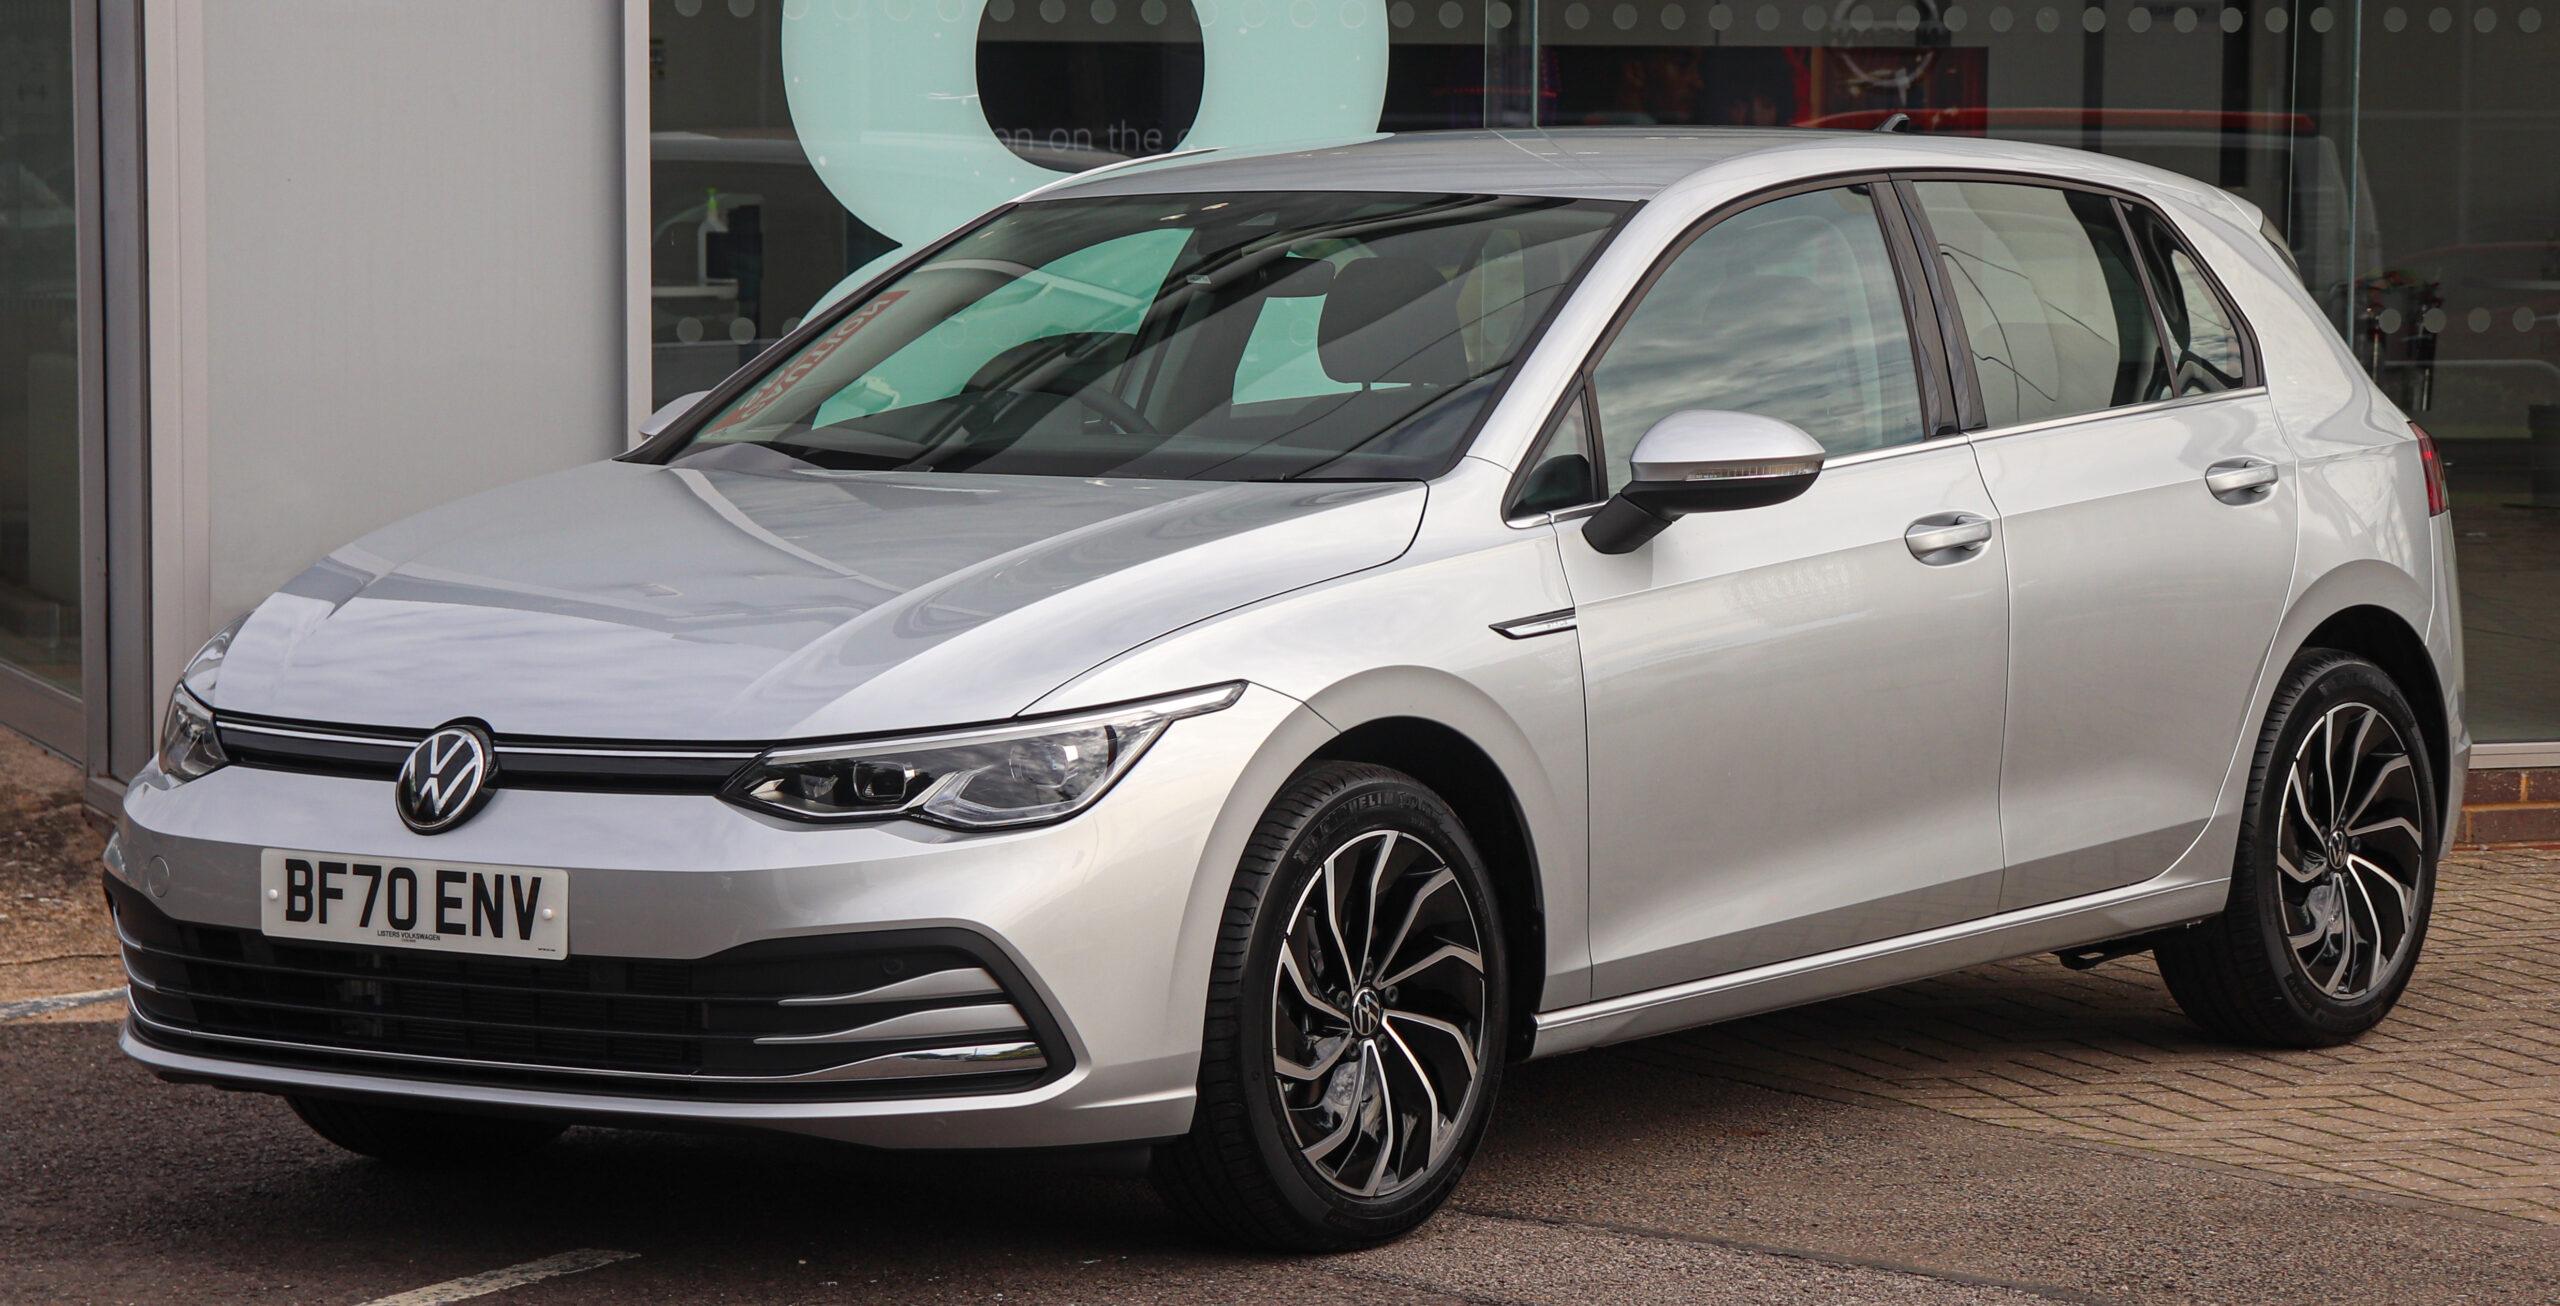 Povinné ručení pro Volkswagen Golf - srovnání